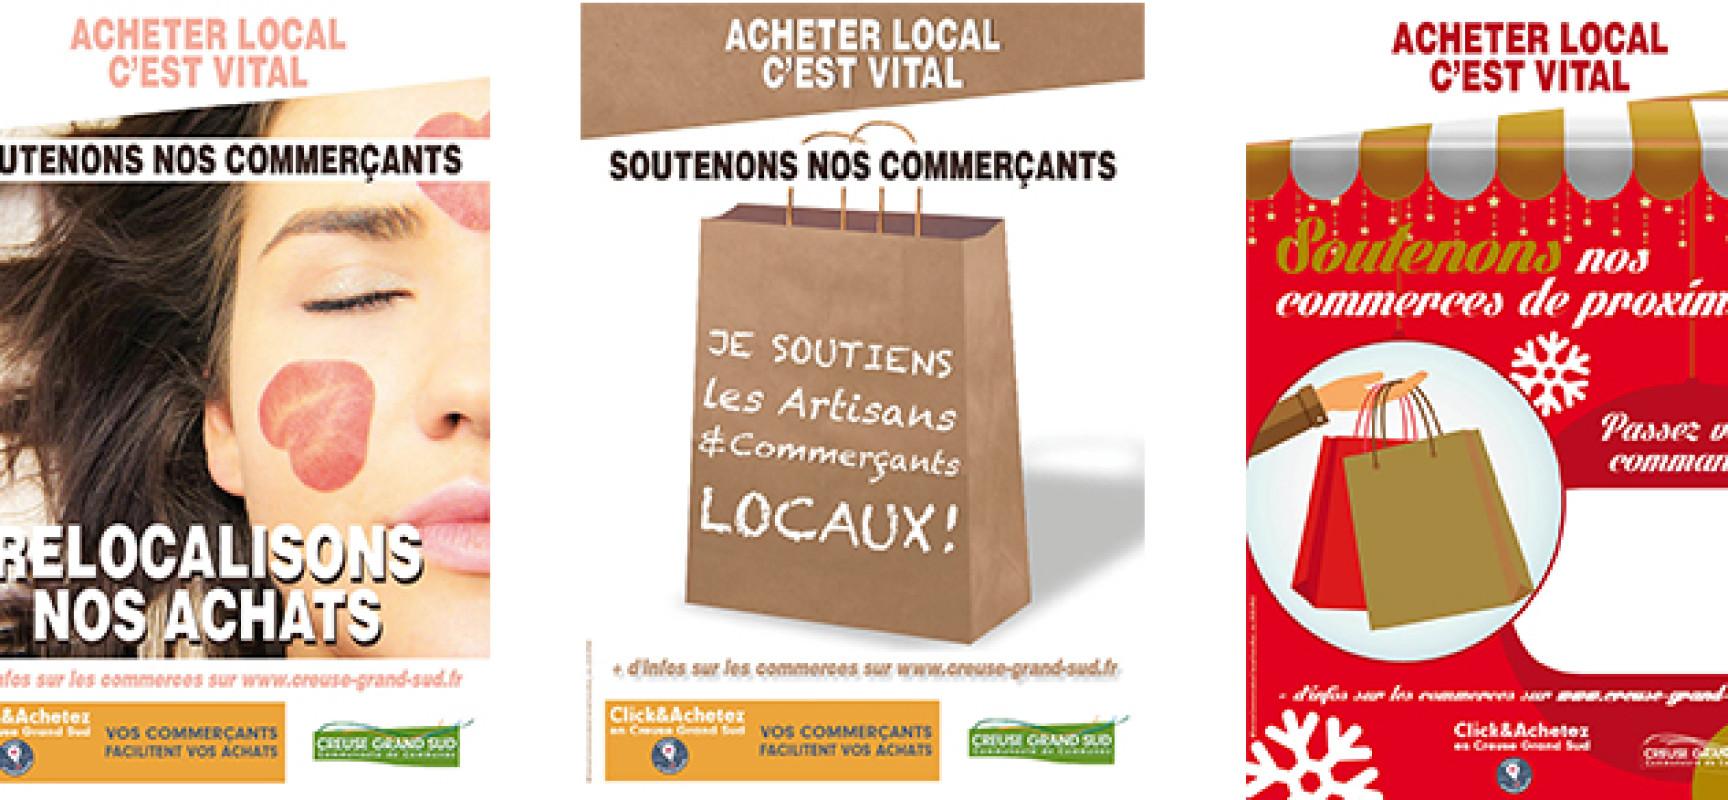 [Covid19] Creuse Grand Sud : une campagne d'affichage en soutien au commerce local – Décembre 2020